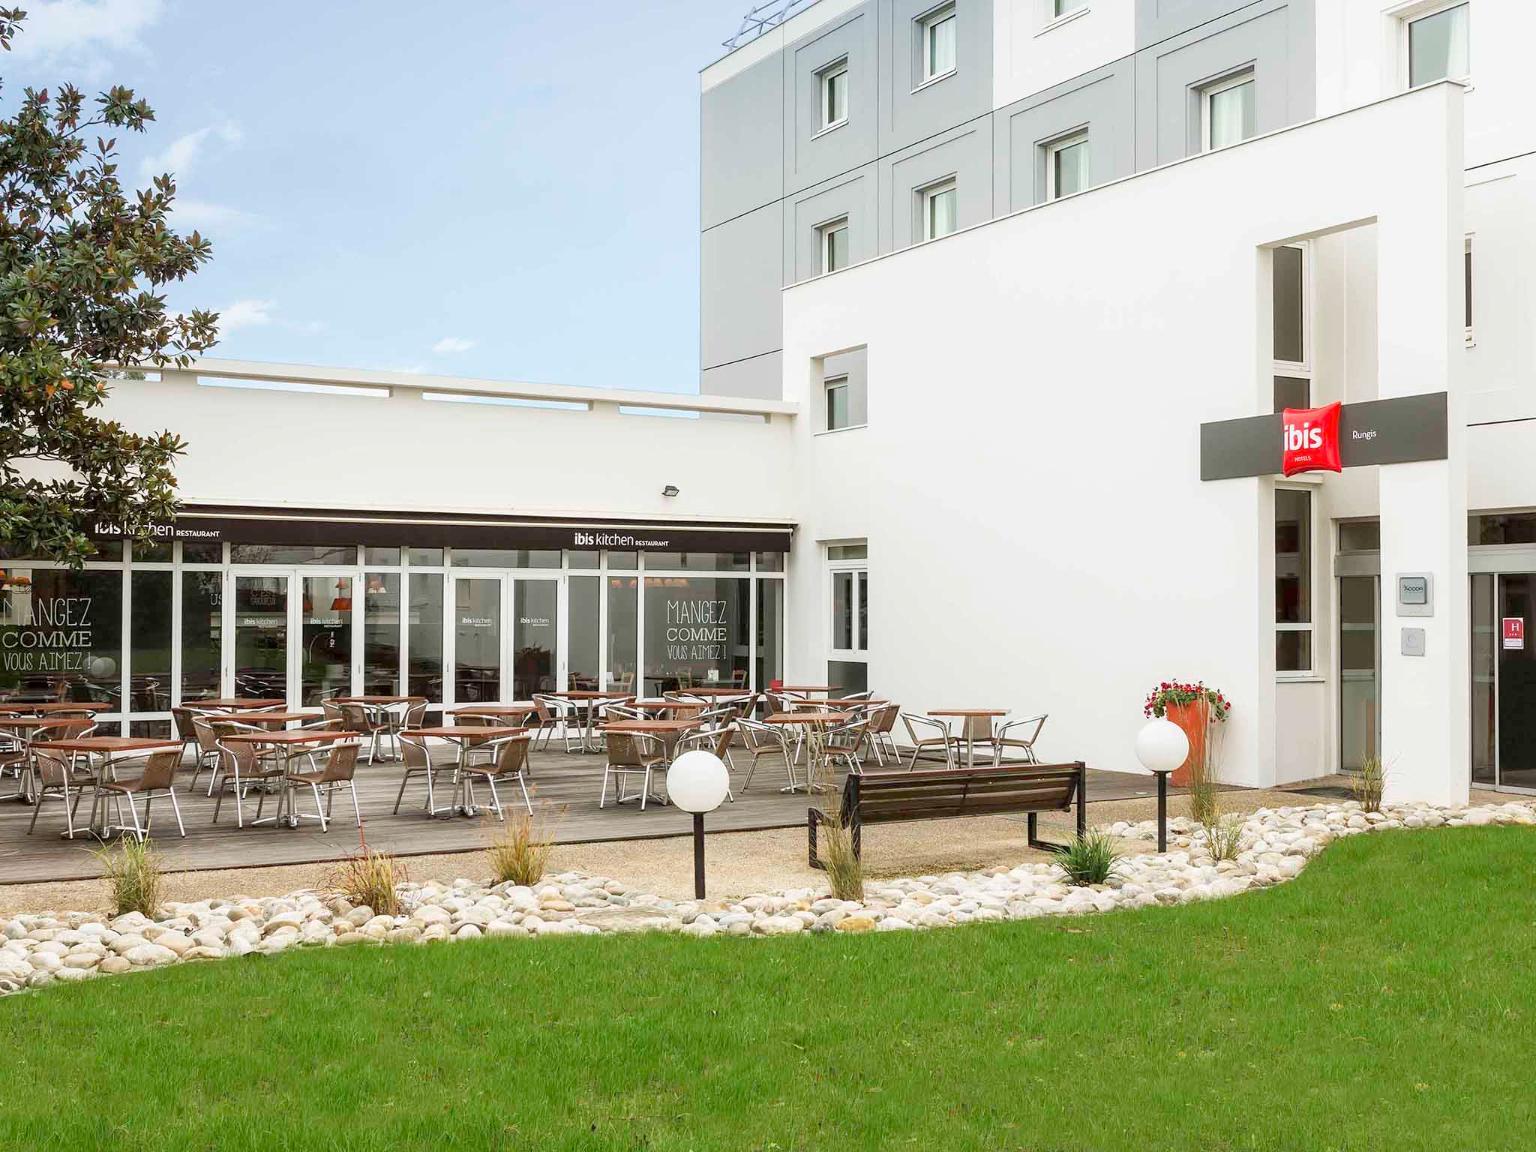 ibis paris orly rungis h tel 1 rue mondetour 94150 rungis adresse horaire. Black Bedroom Furniture Sets. Home Design Ideas